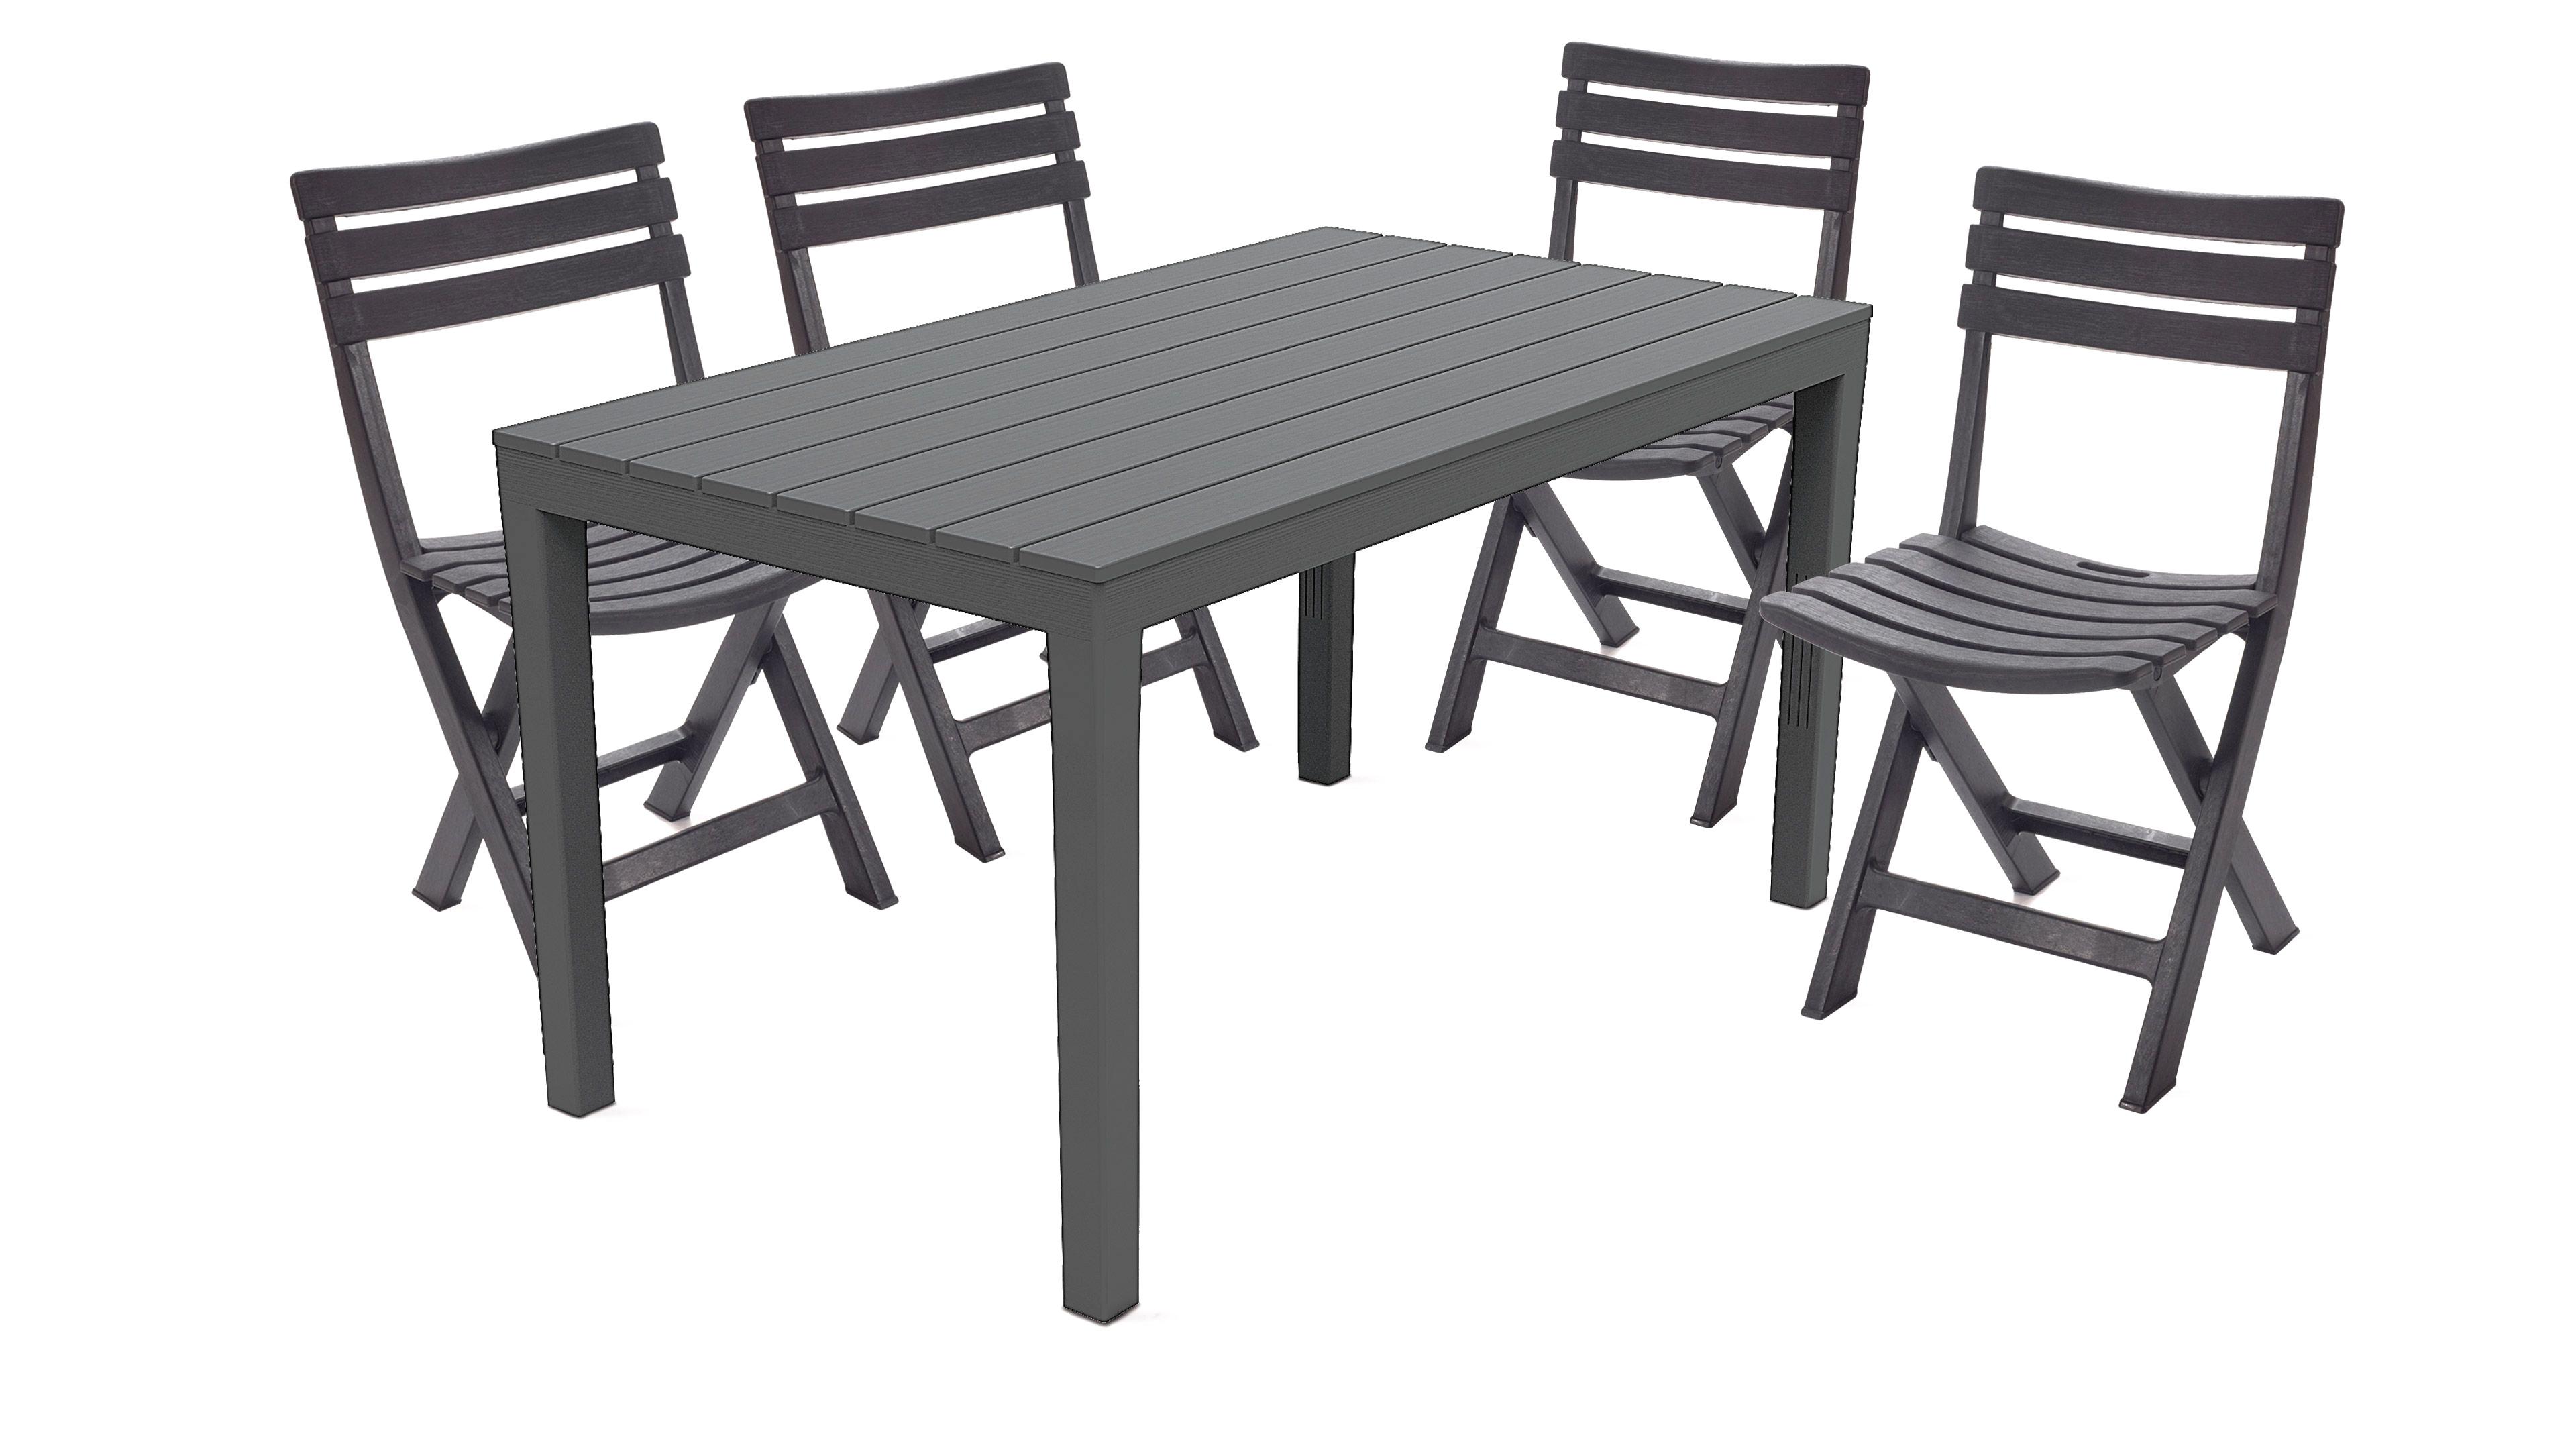 Caillebotis Plastique Jardin Best Table De Jardin pour Table De Jardin Leclerc